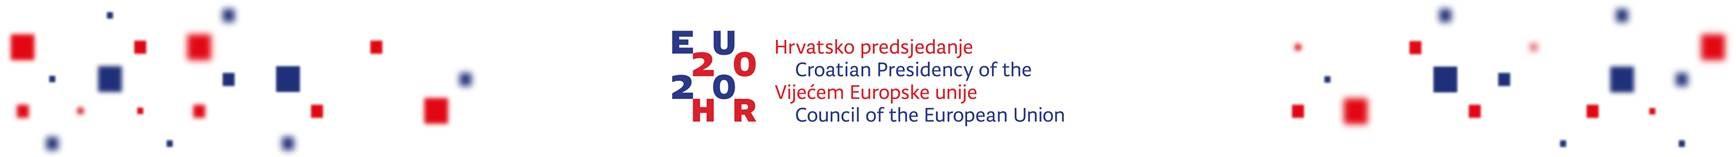 Hrvatsko predsjedanjce Vijećem Europske unije